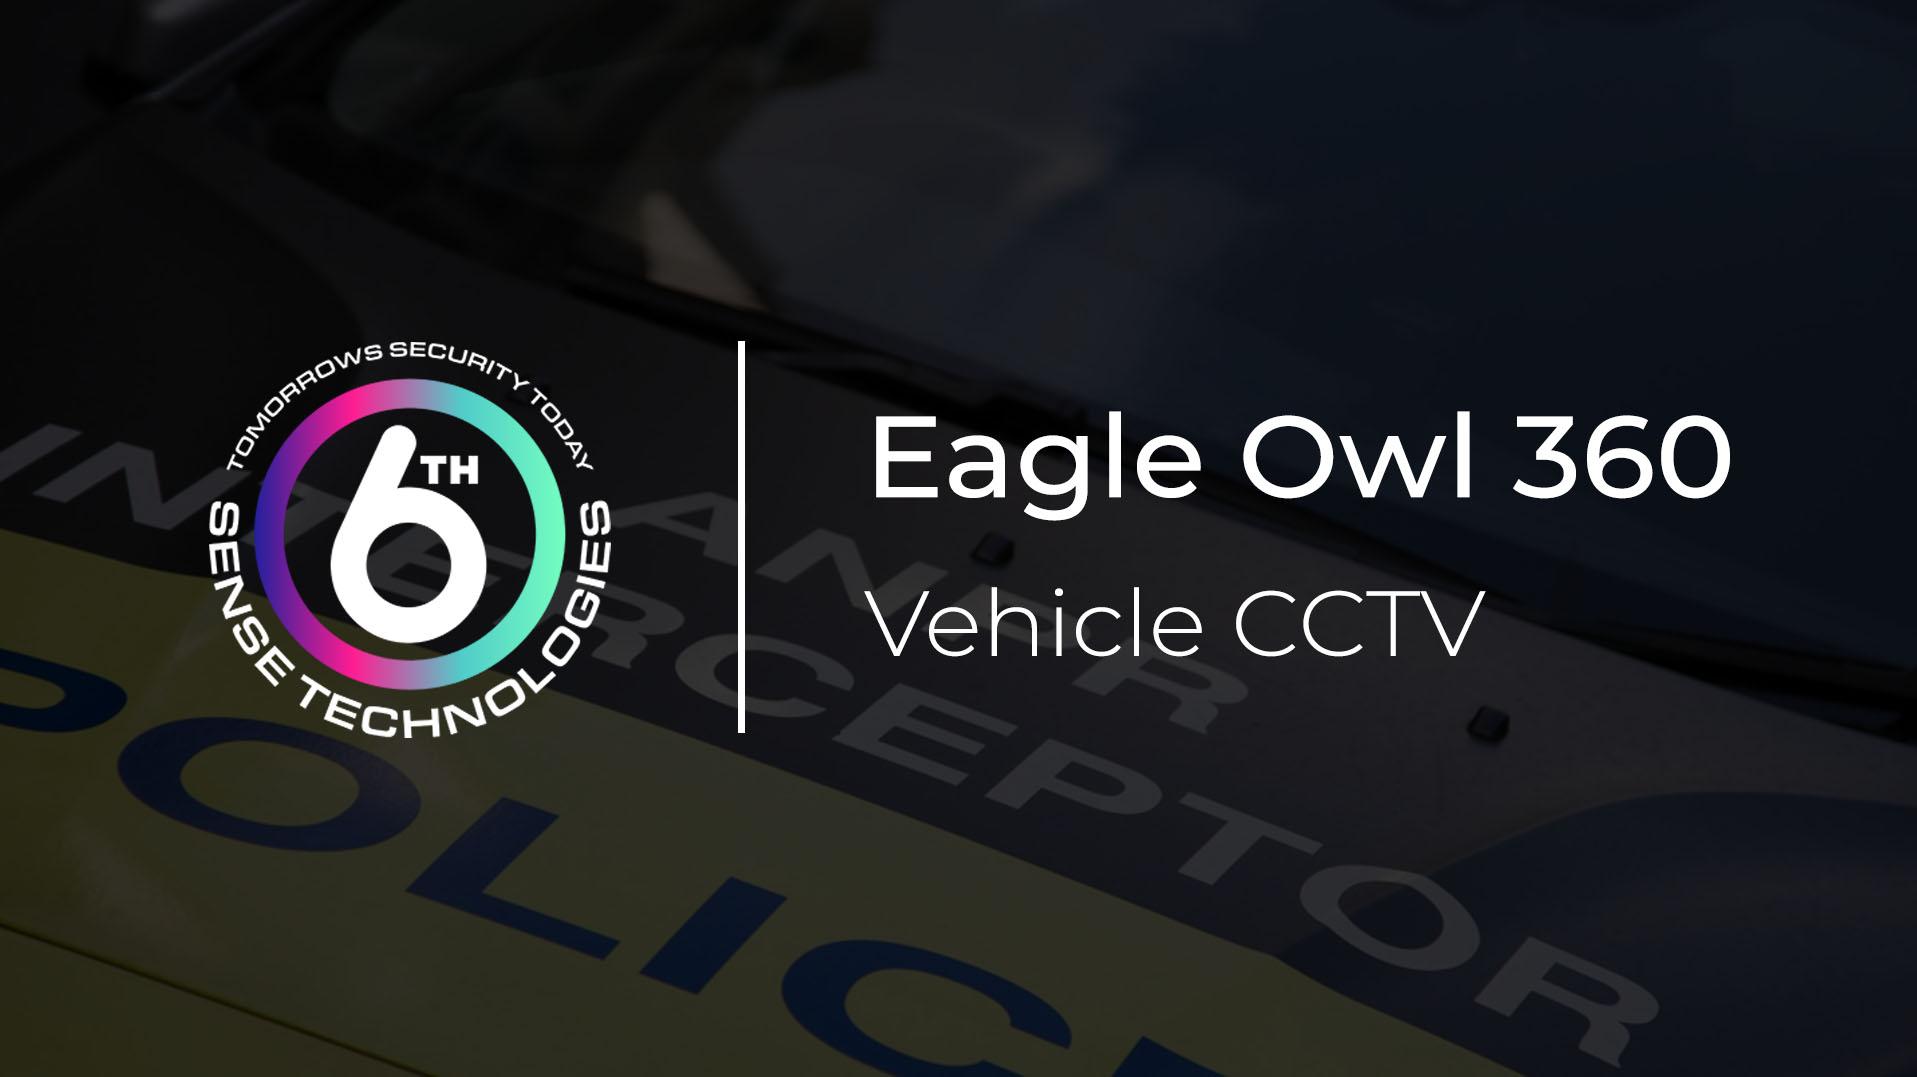 Eagle Owl 360